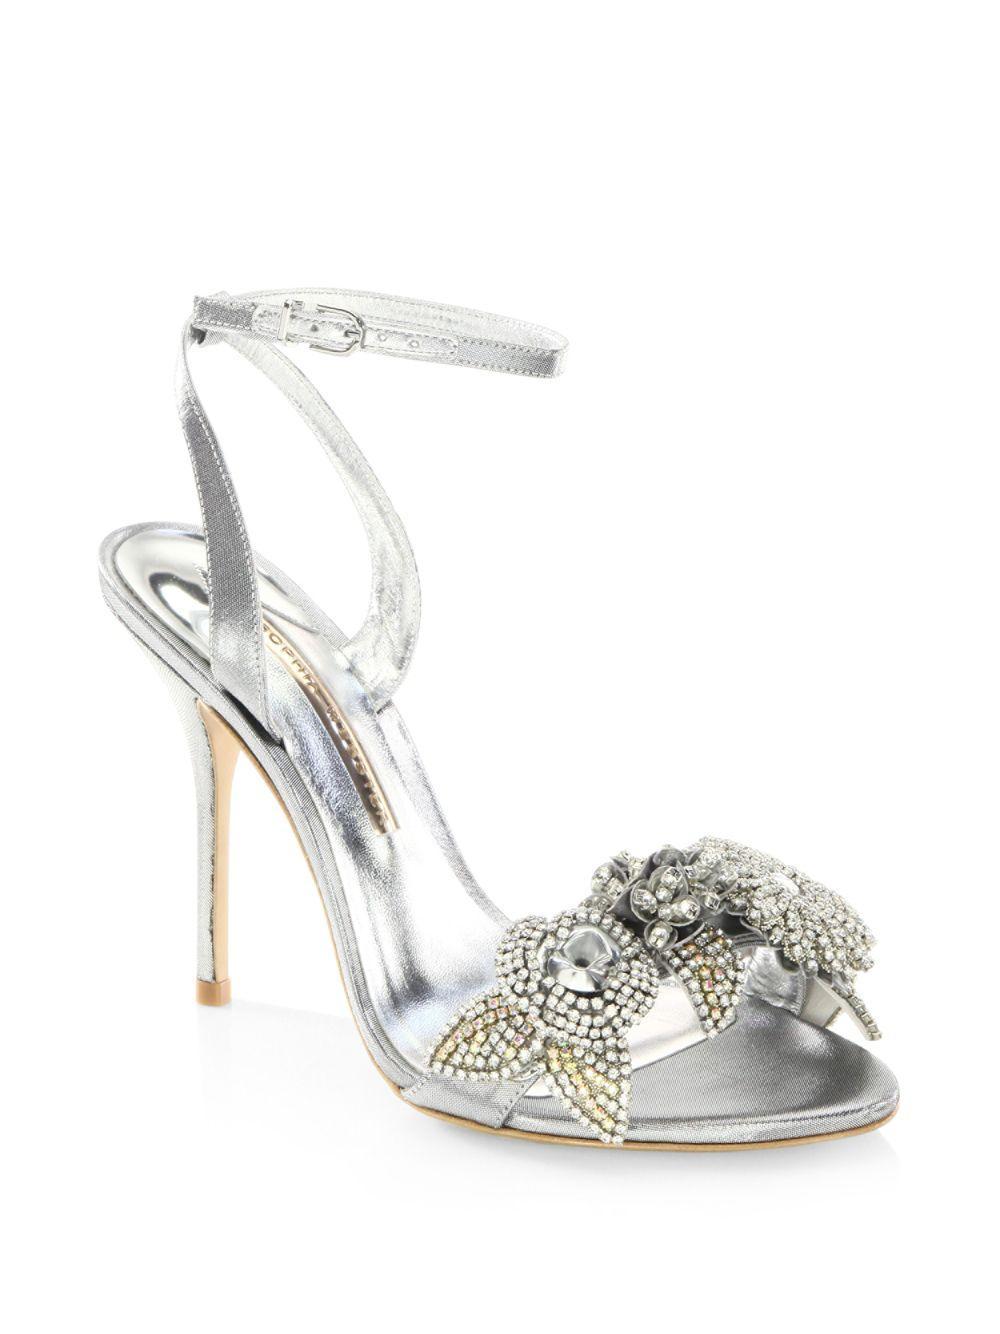 33c552dd1d0d Sophia Webster. Women s Lilico Crystal-embellished Metallic Ankle-strap  Sandals